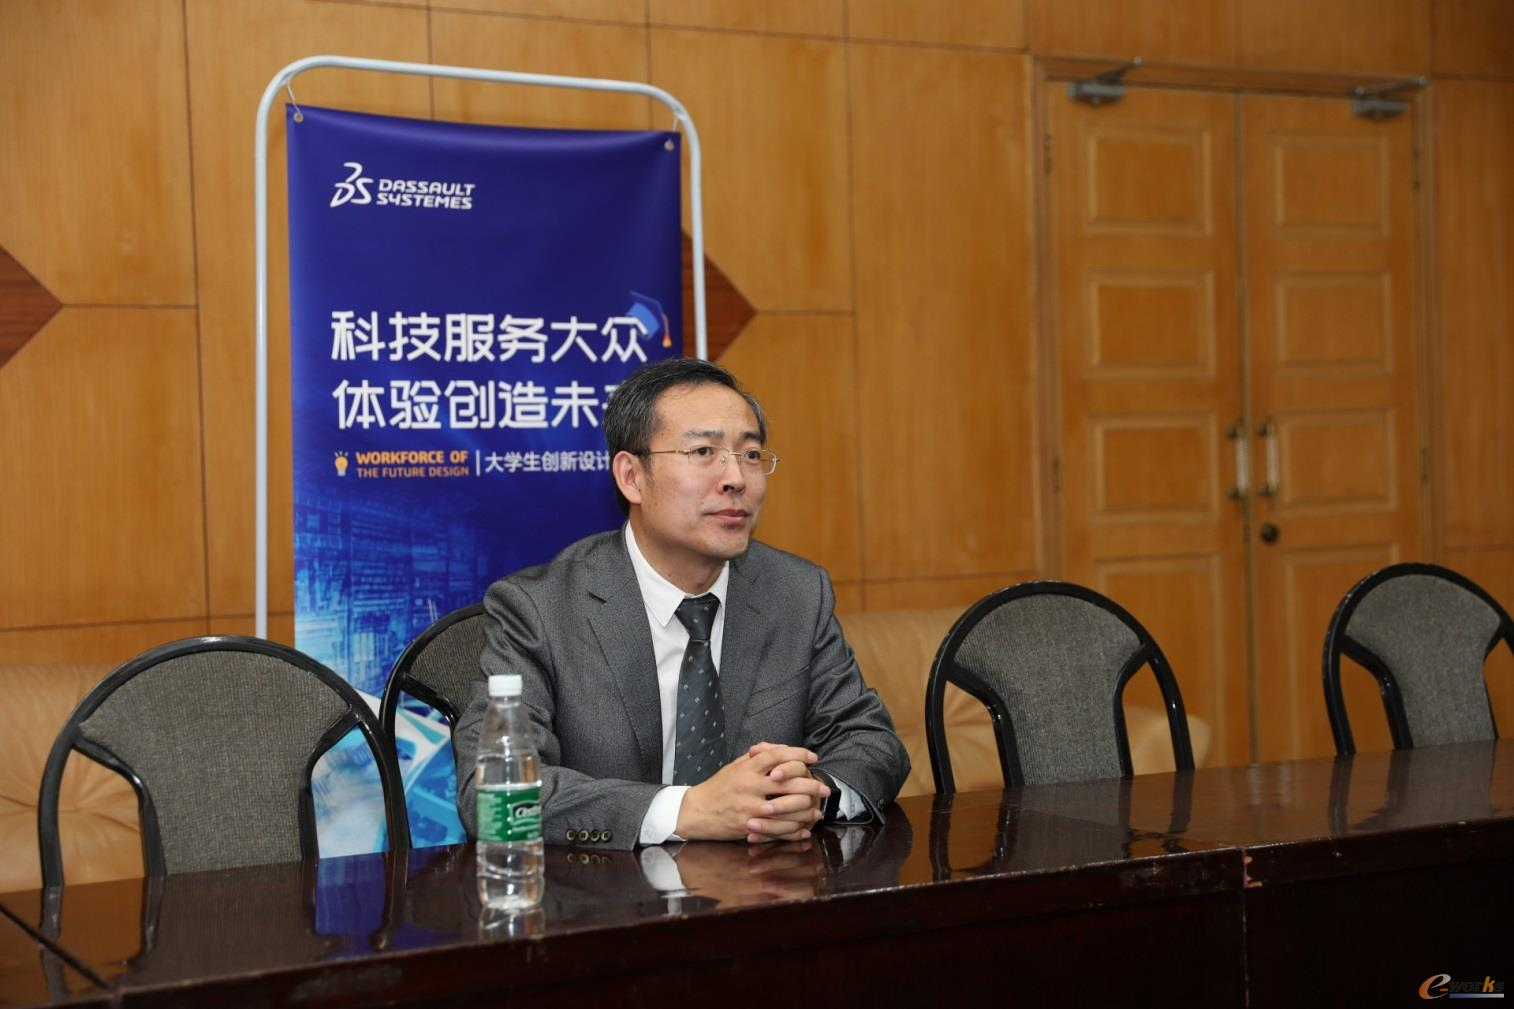 达索系统大中华区渠道事业部技术总监冯升华博士